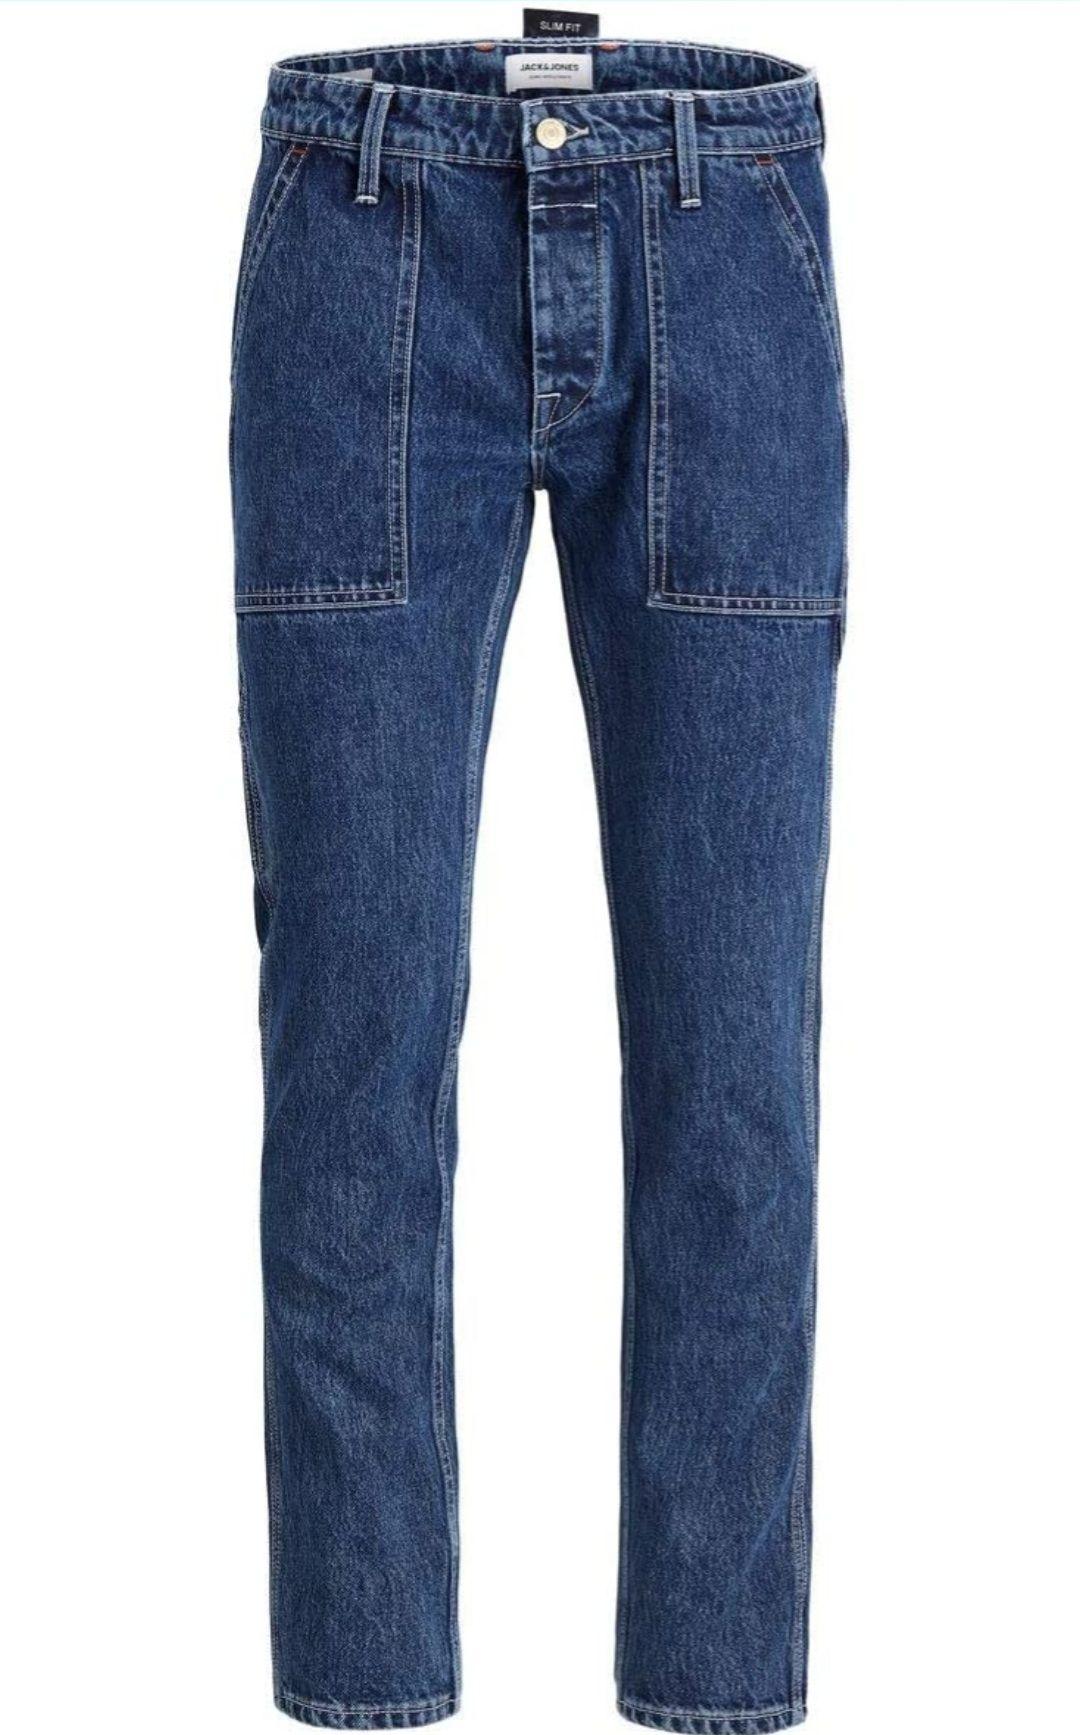 Jack & Jones spijkerbroek